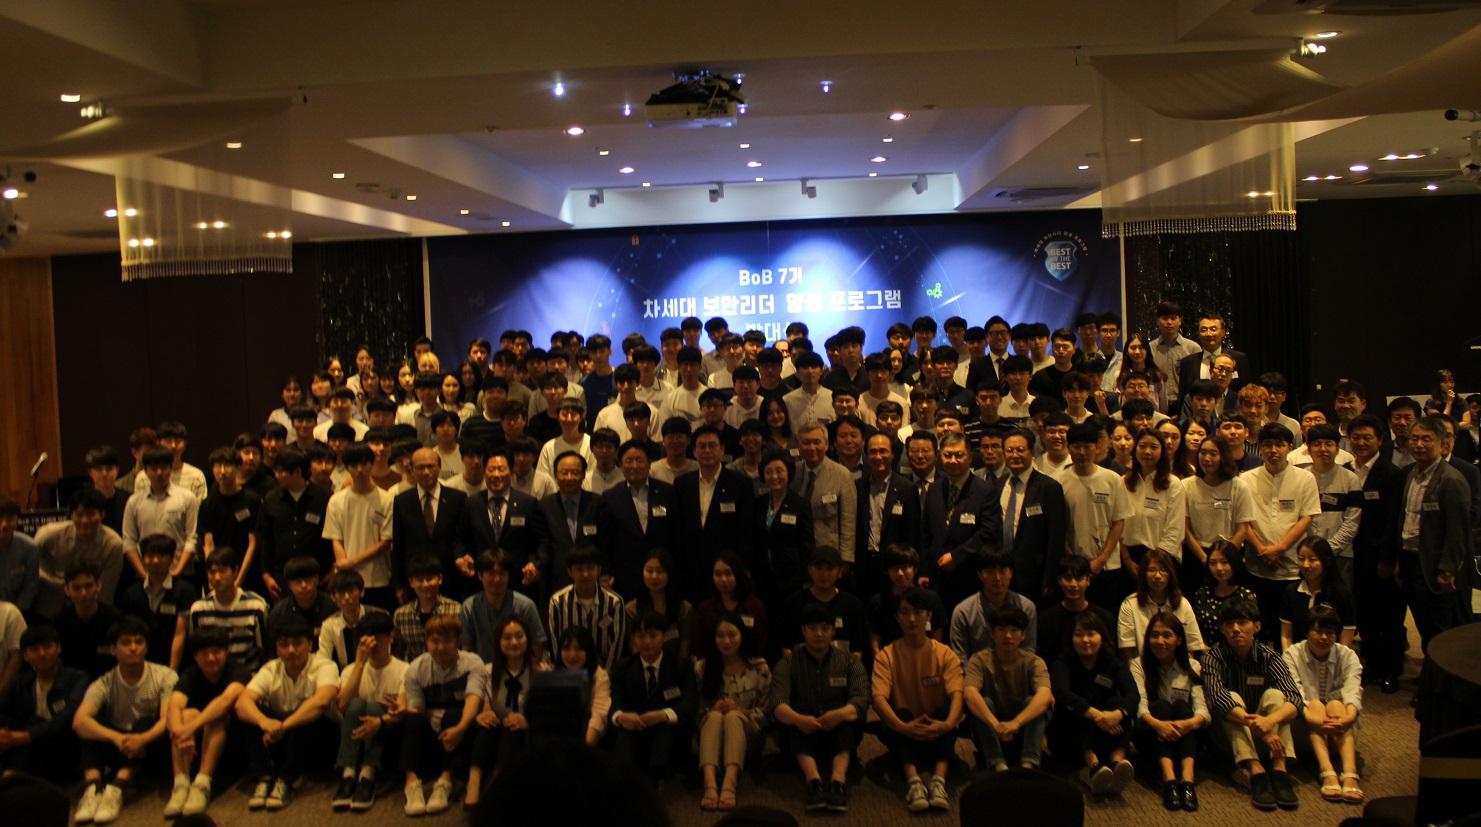 ▲ 차세대 보안리더 양성 프로그램(Best of the Best)이 7월 3일 지밸리컨벤션에서 7기 발대식을 마치고 기념촬영.